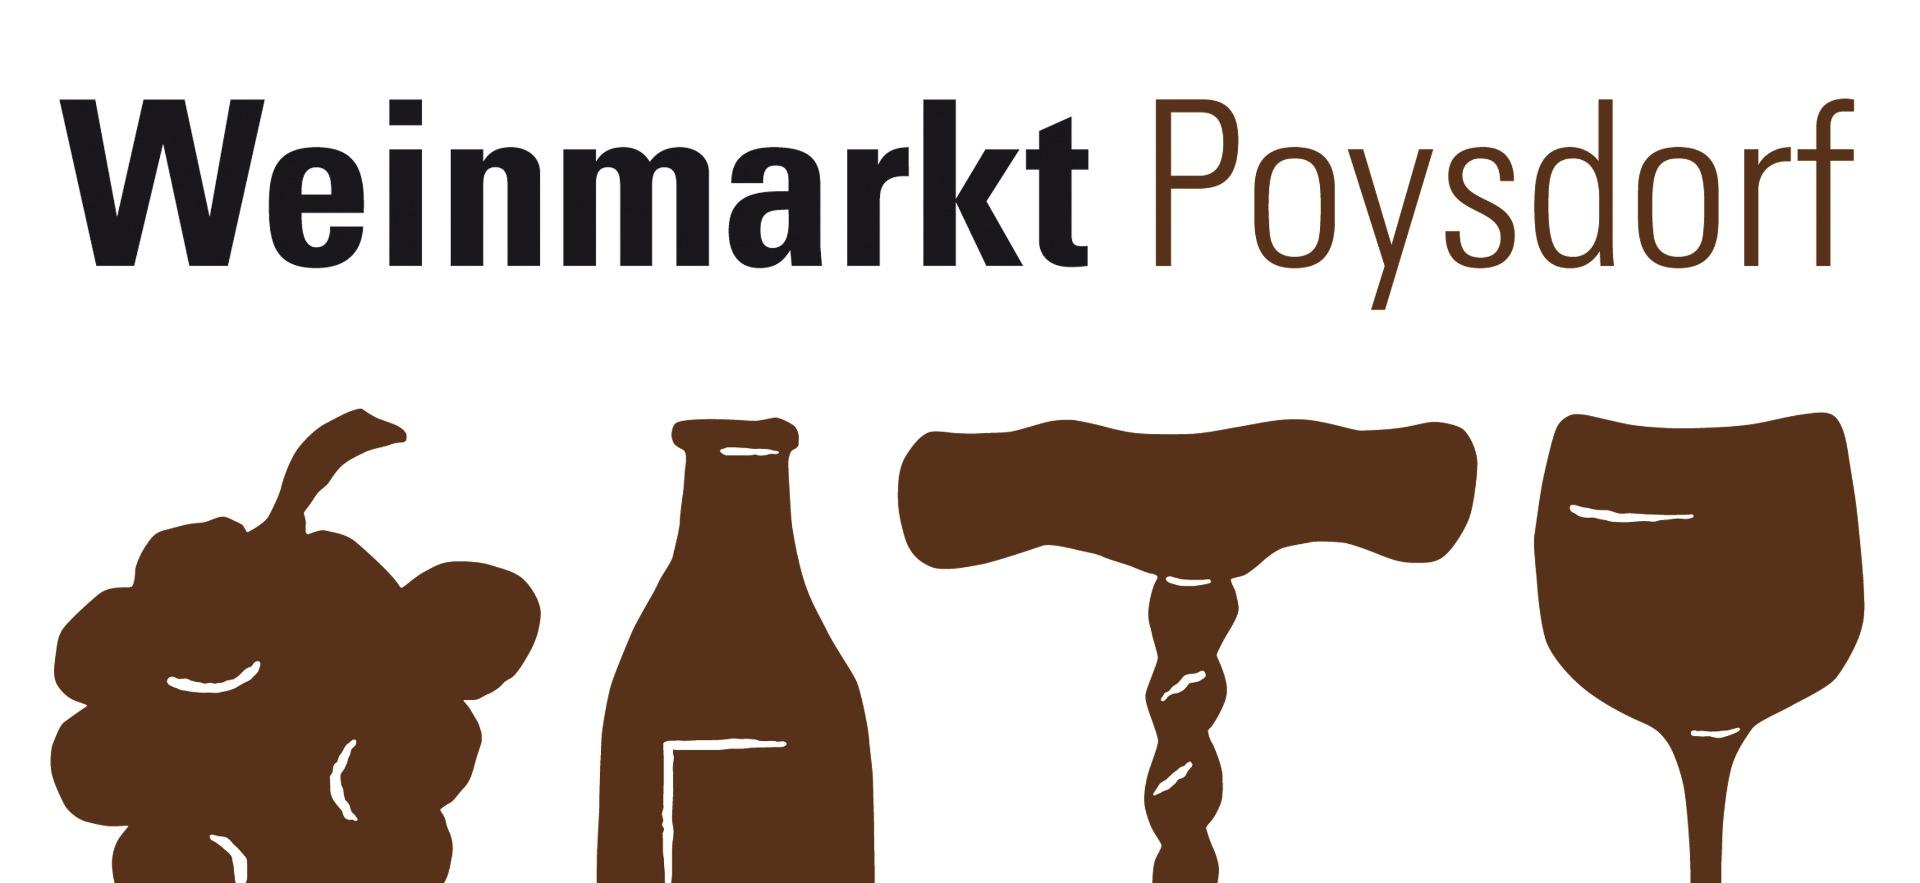 Weinmarkt Poysdorf